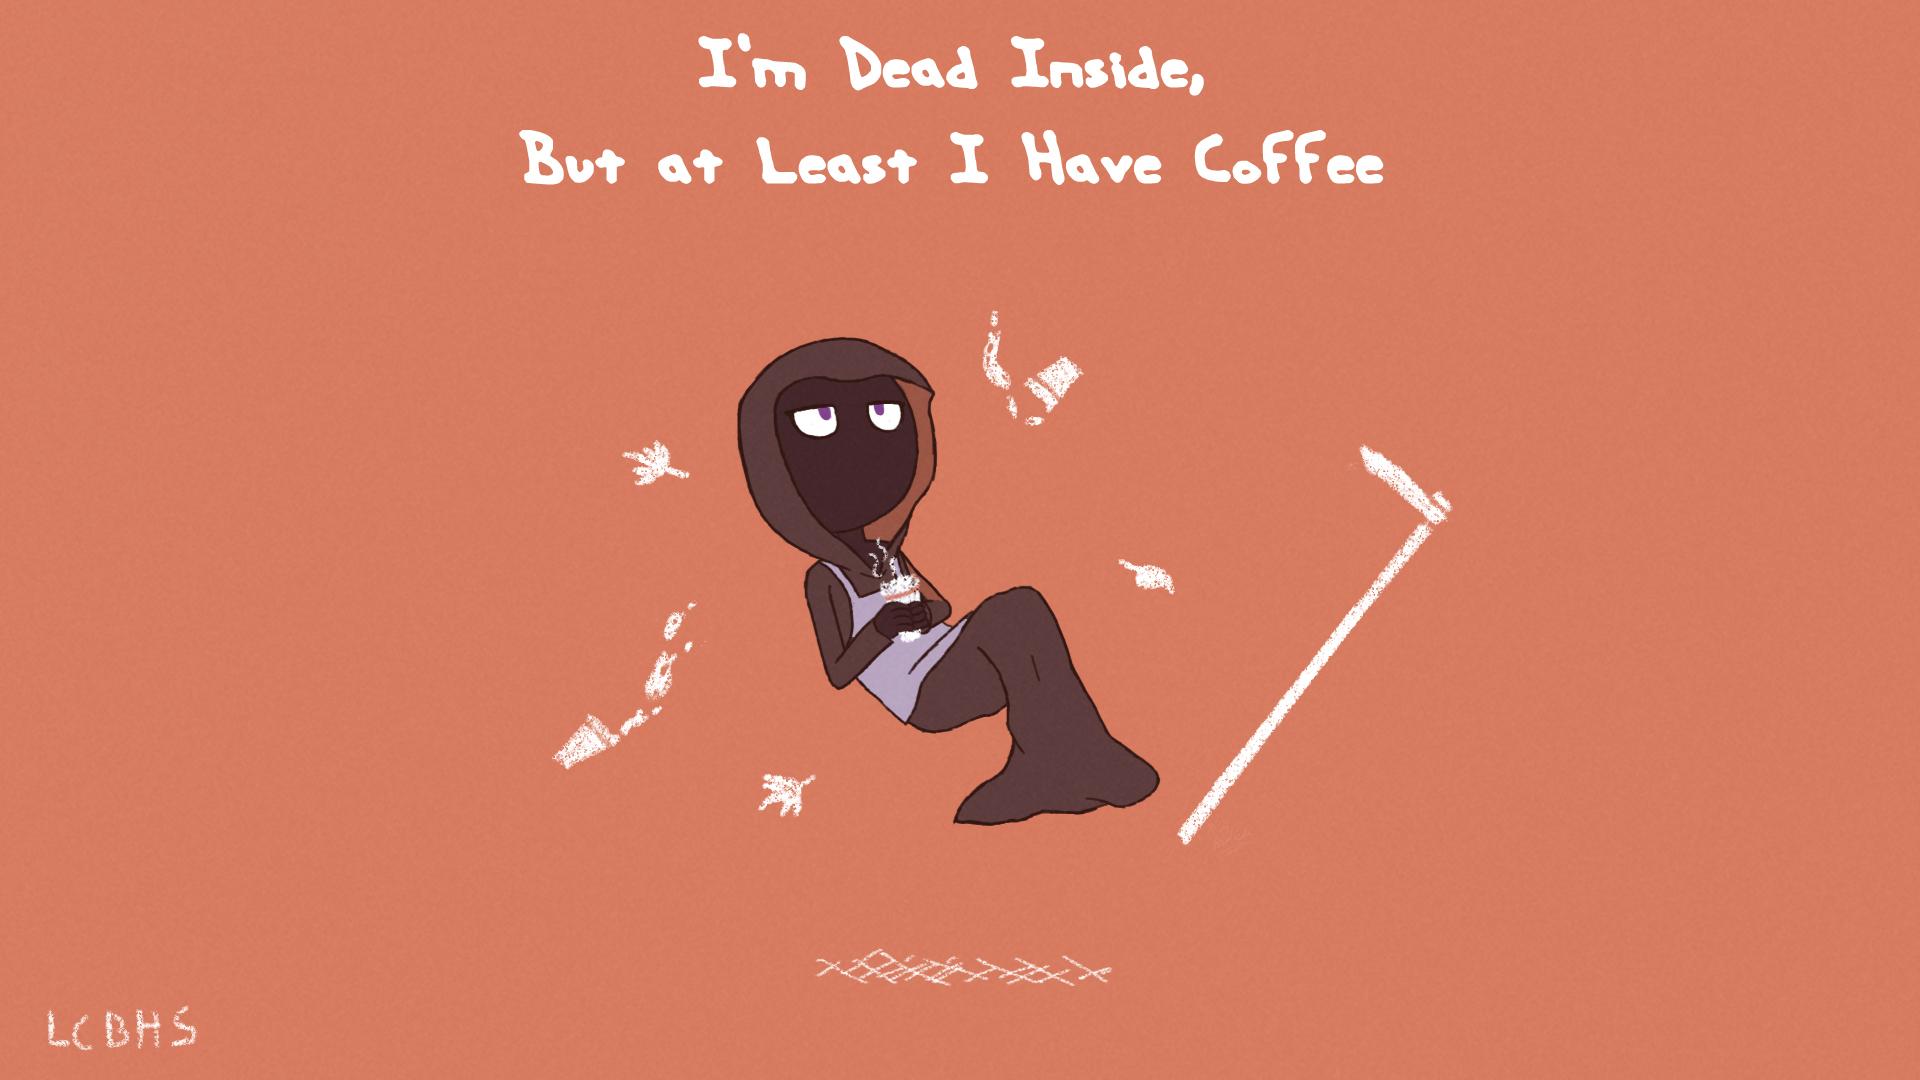 LCBHS: Coffee